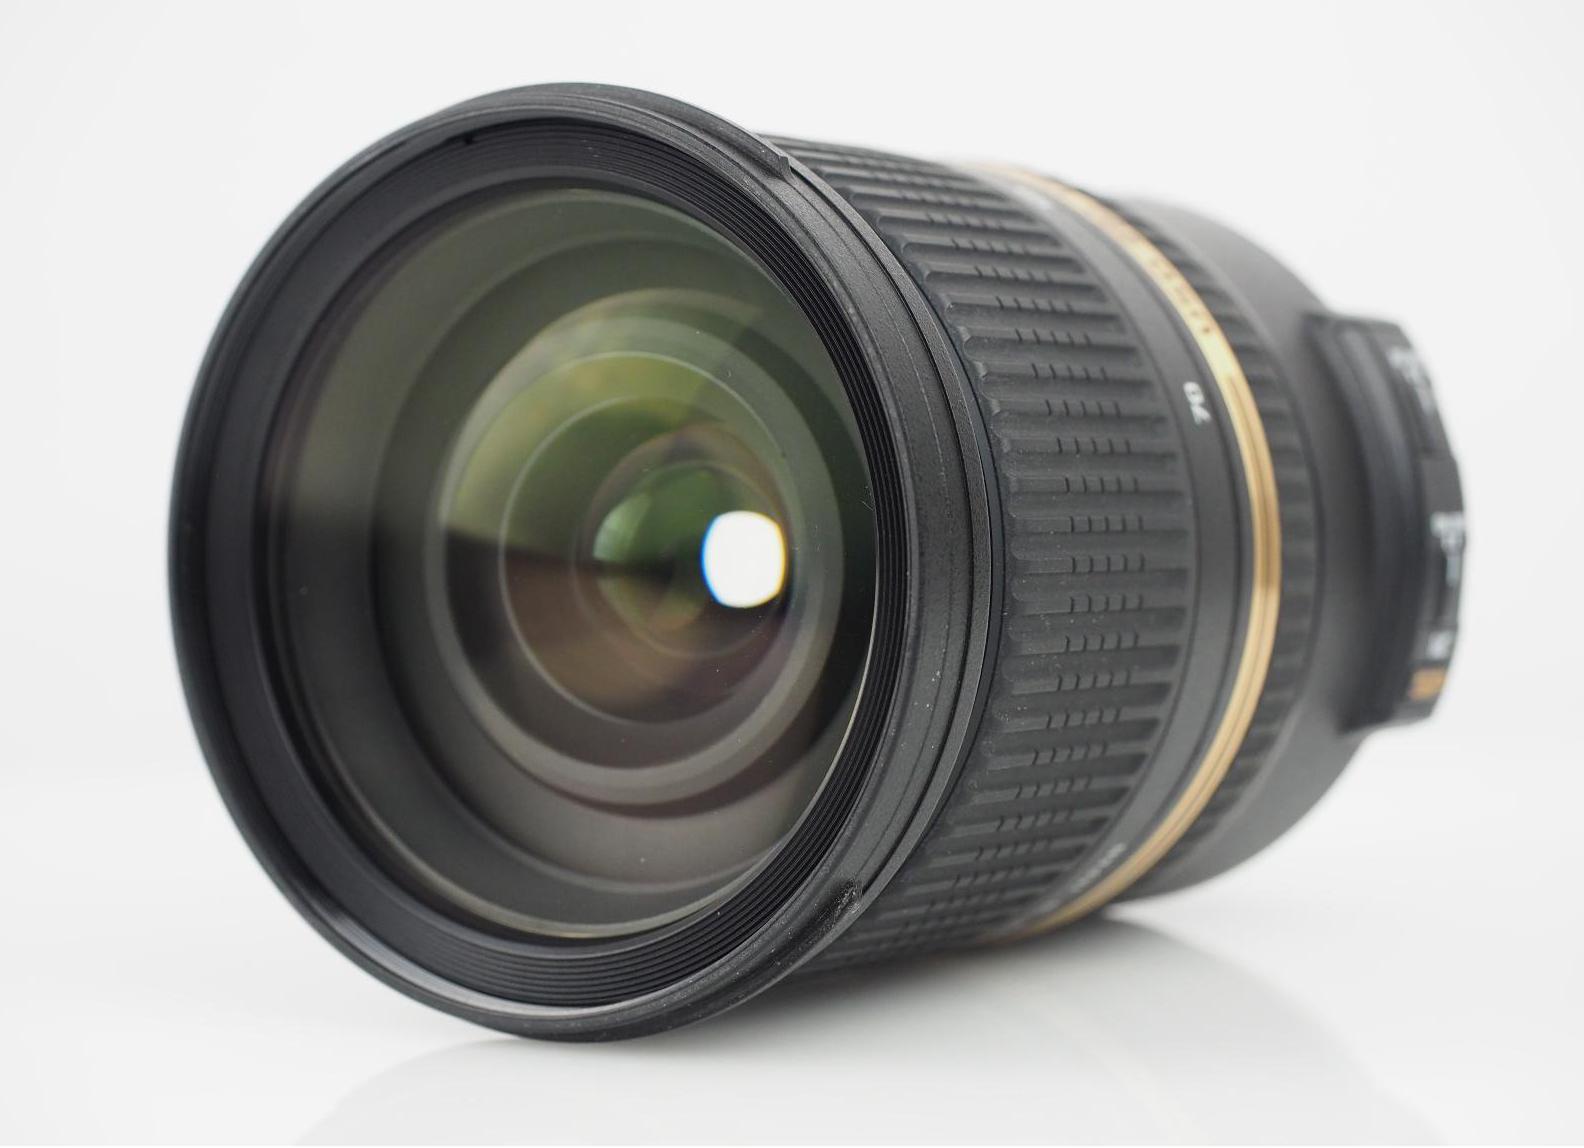 Obiettivi fotografici usati